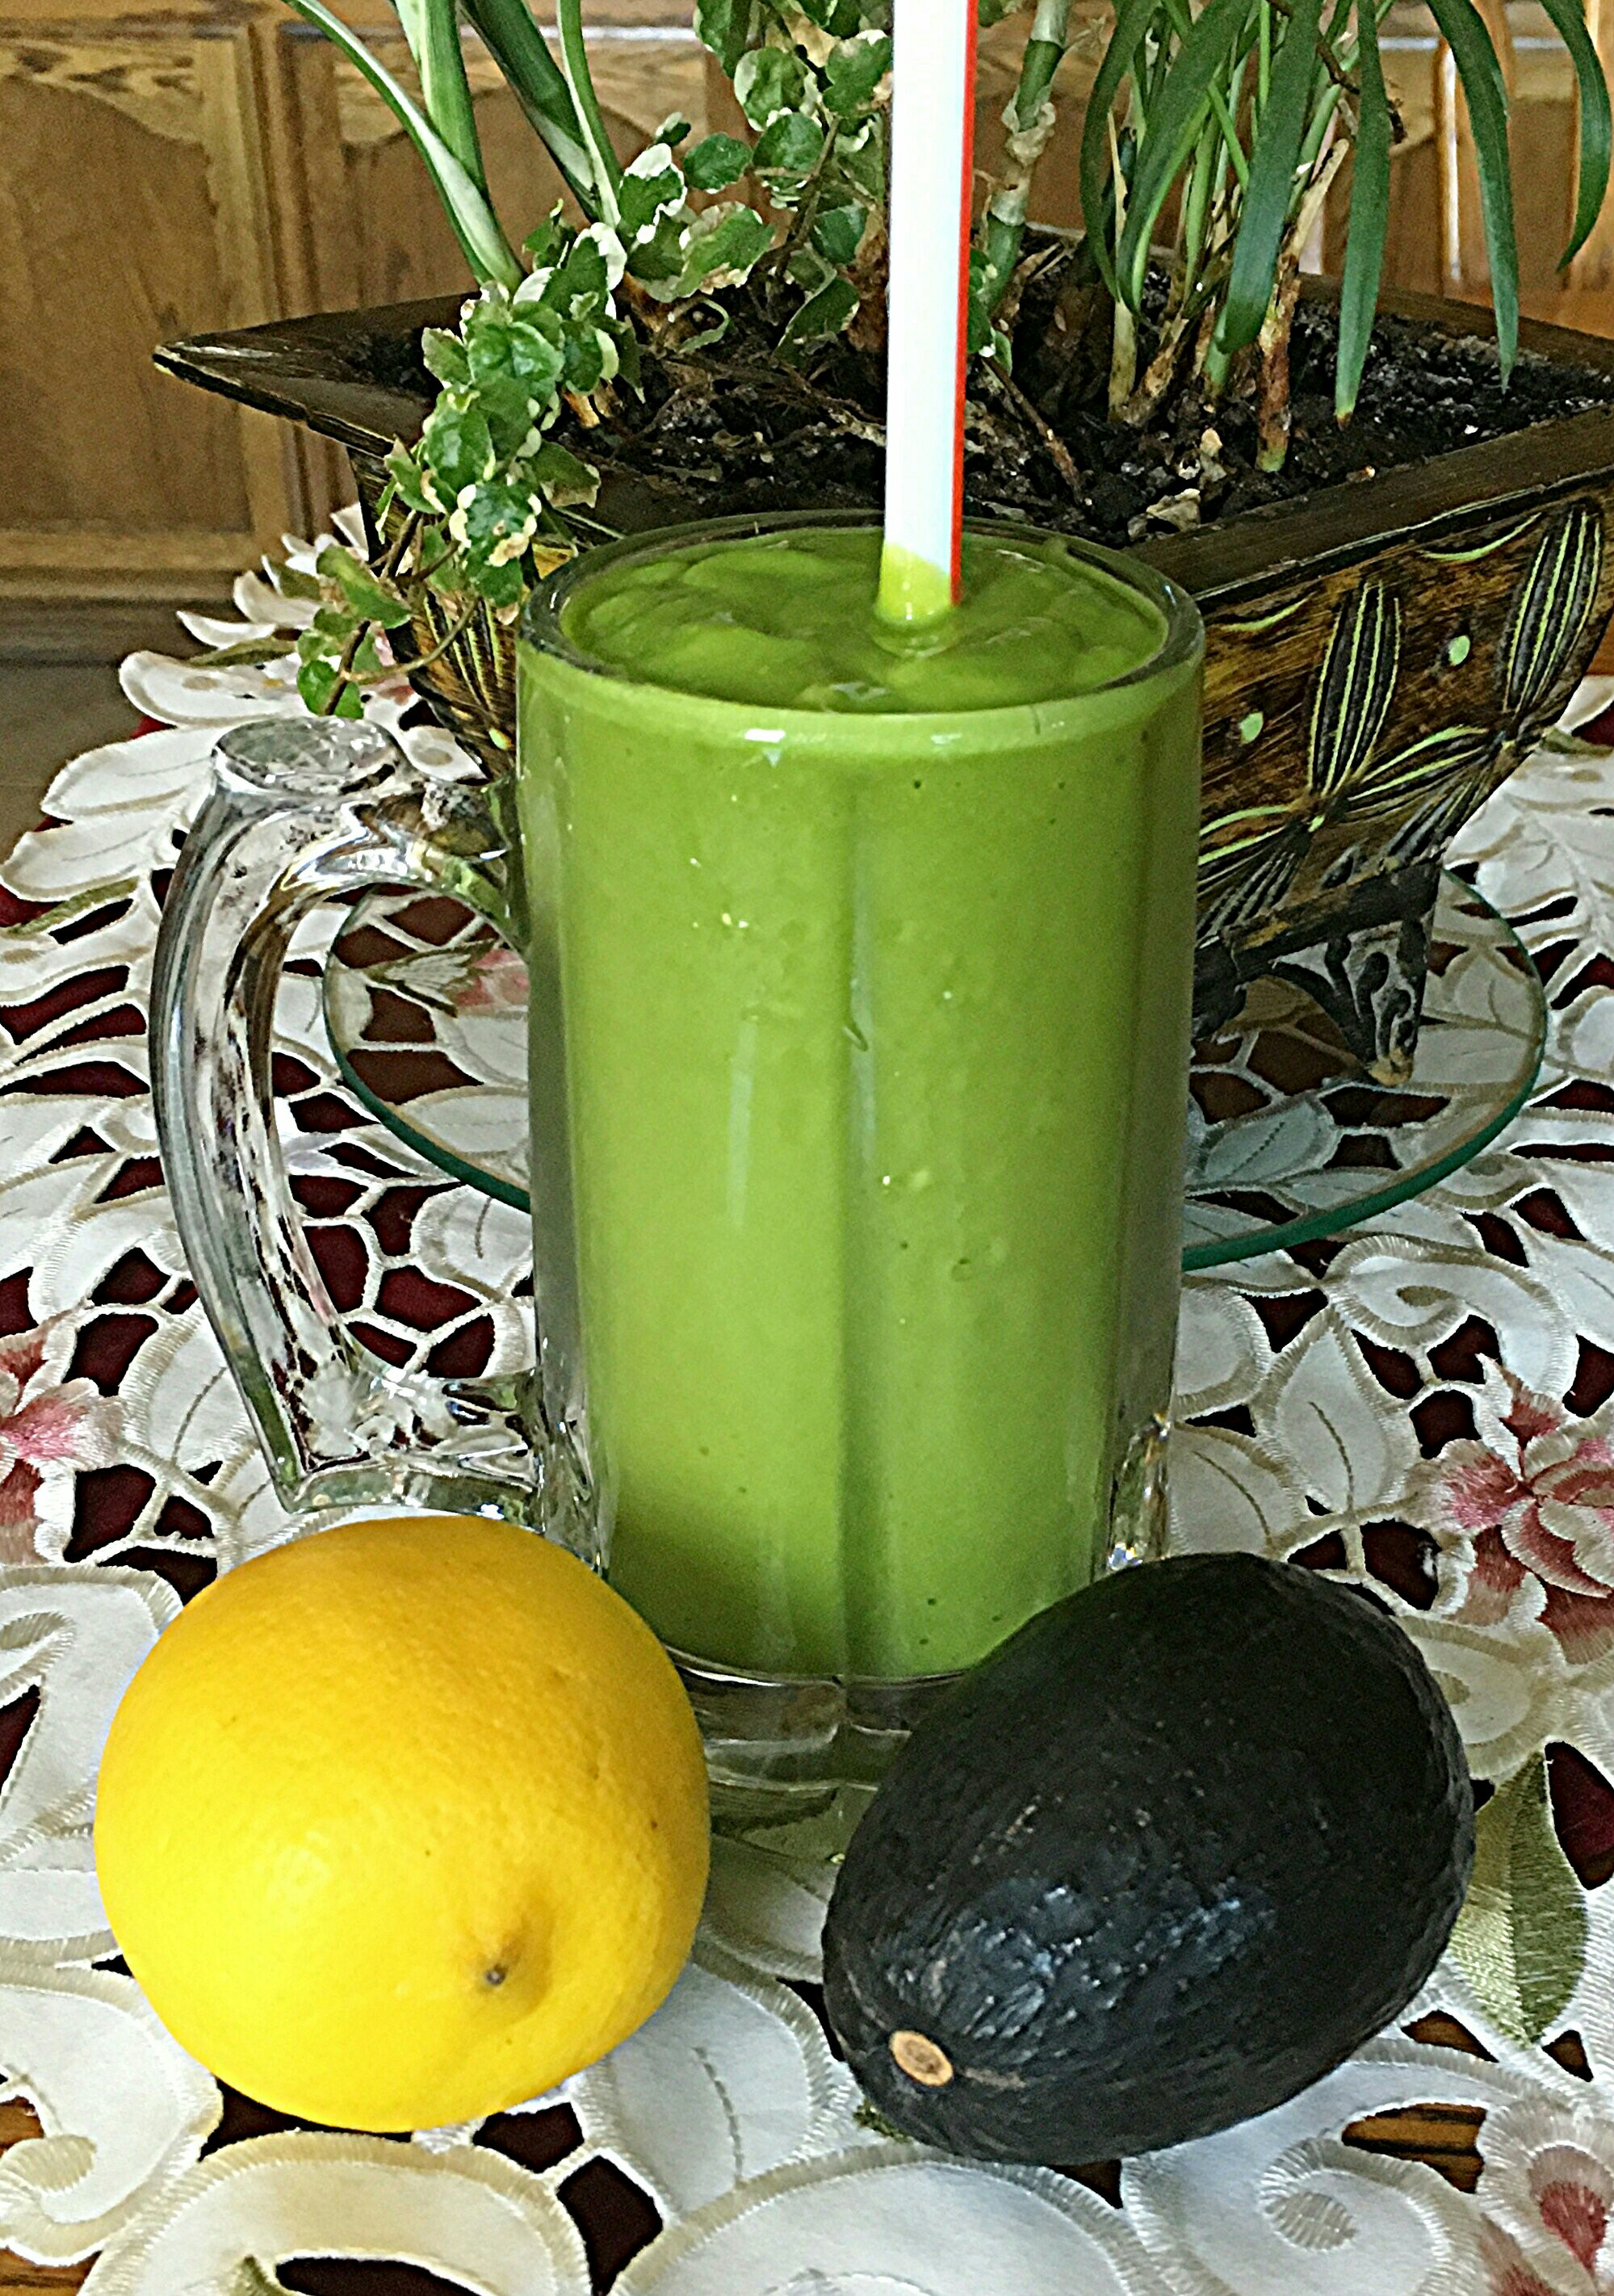 Spinach, Avocado, and Mango Smoothie